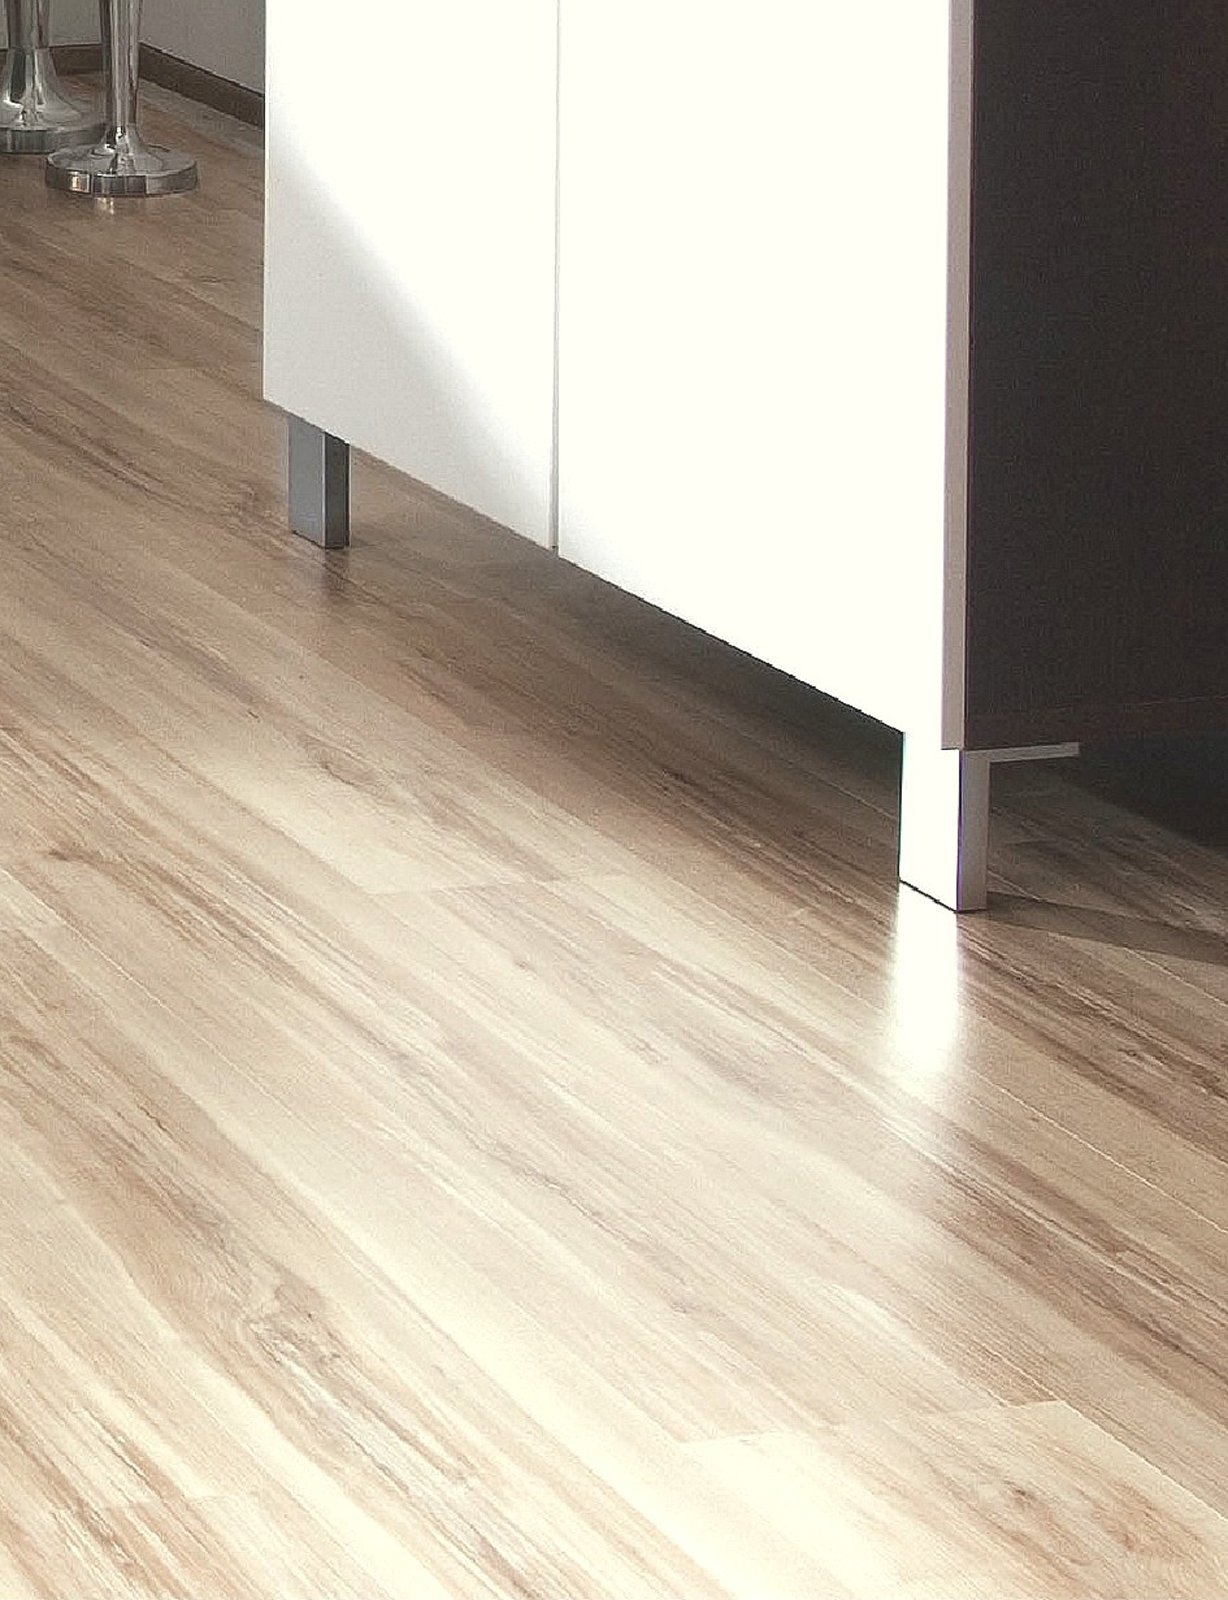 Pavimenti in laminato cose di casa - Ikea parquet laminato ...